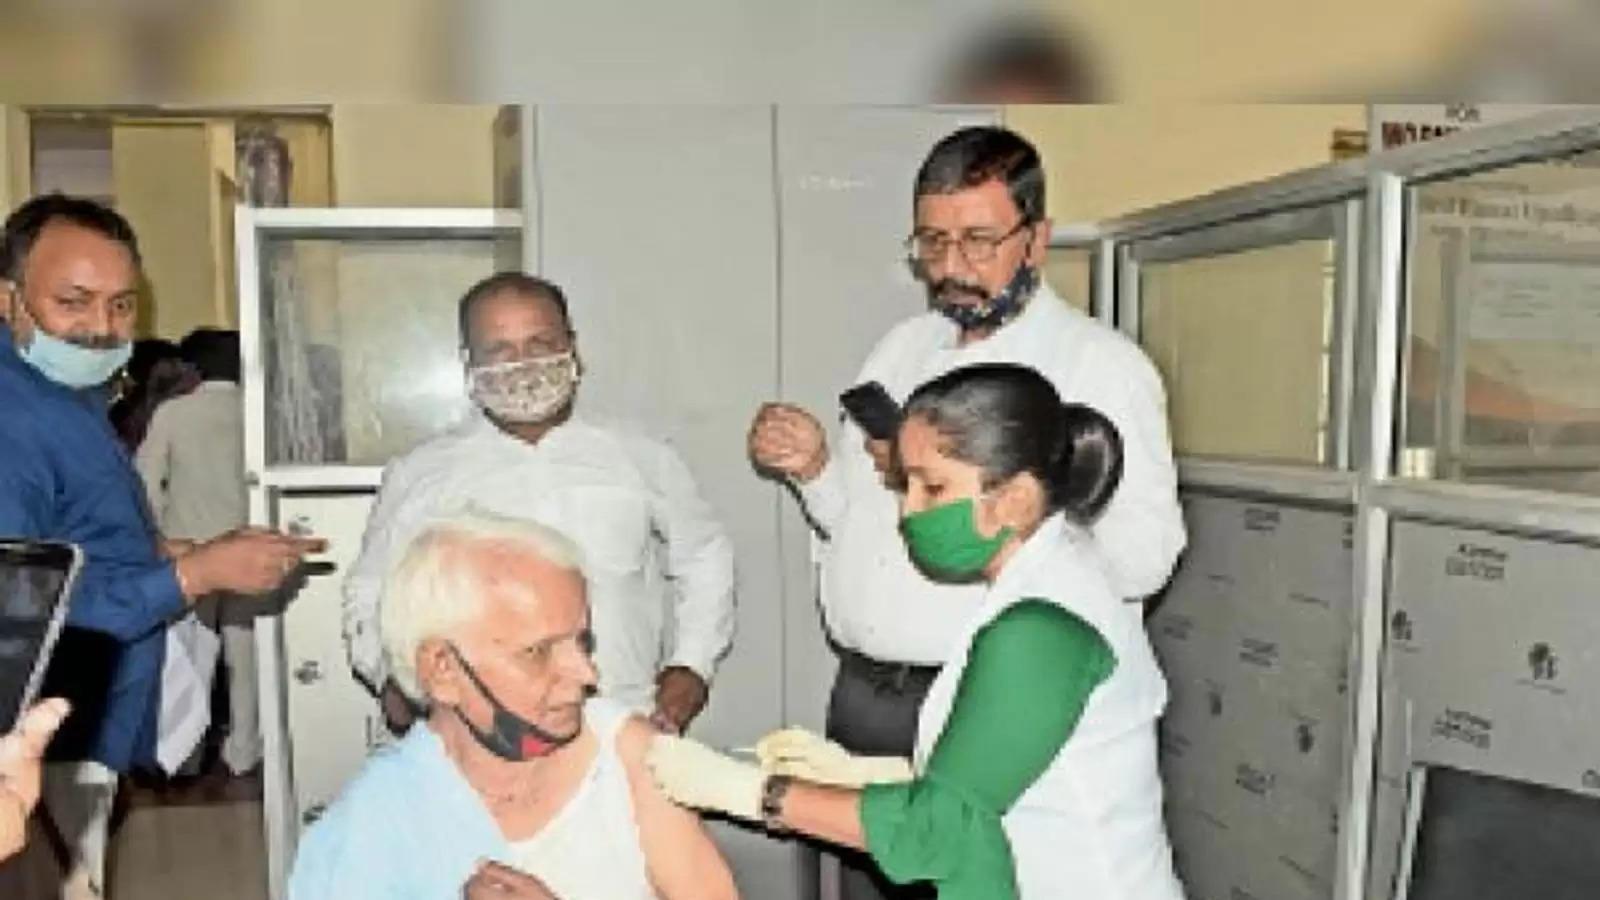 darbhanga टीकाकरण में काेताही बरतने वाली 32 एएनएम से पूछताछ